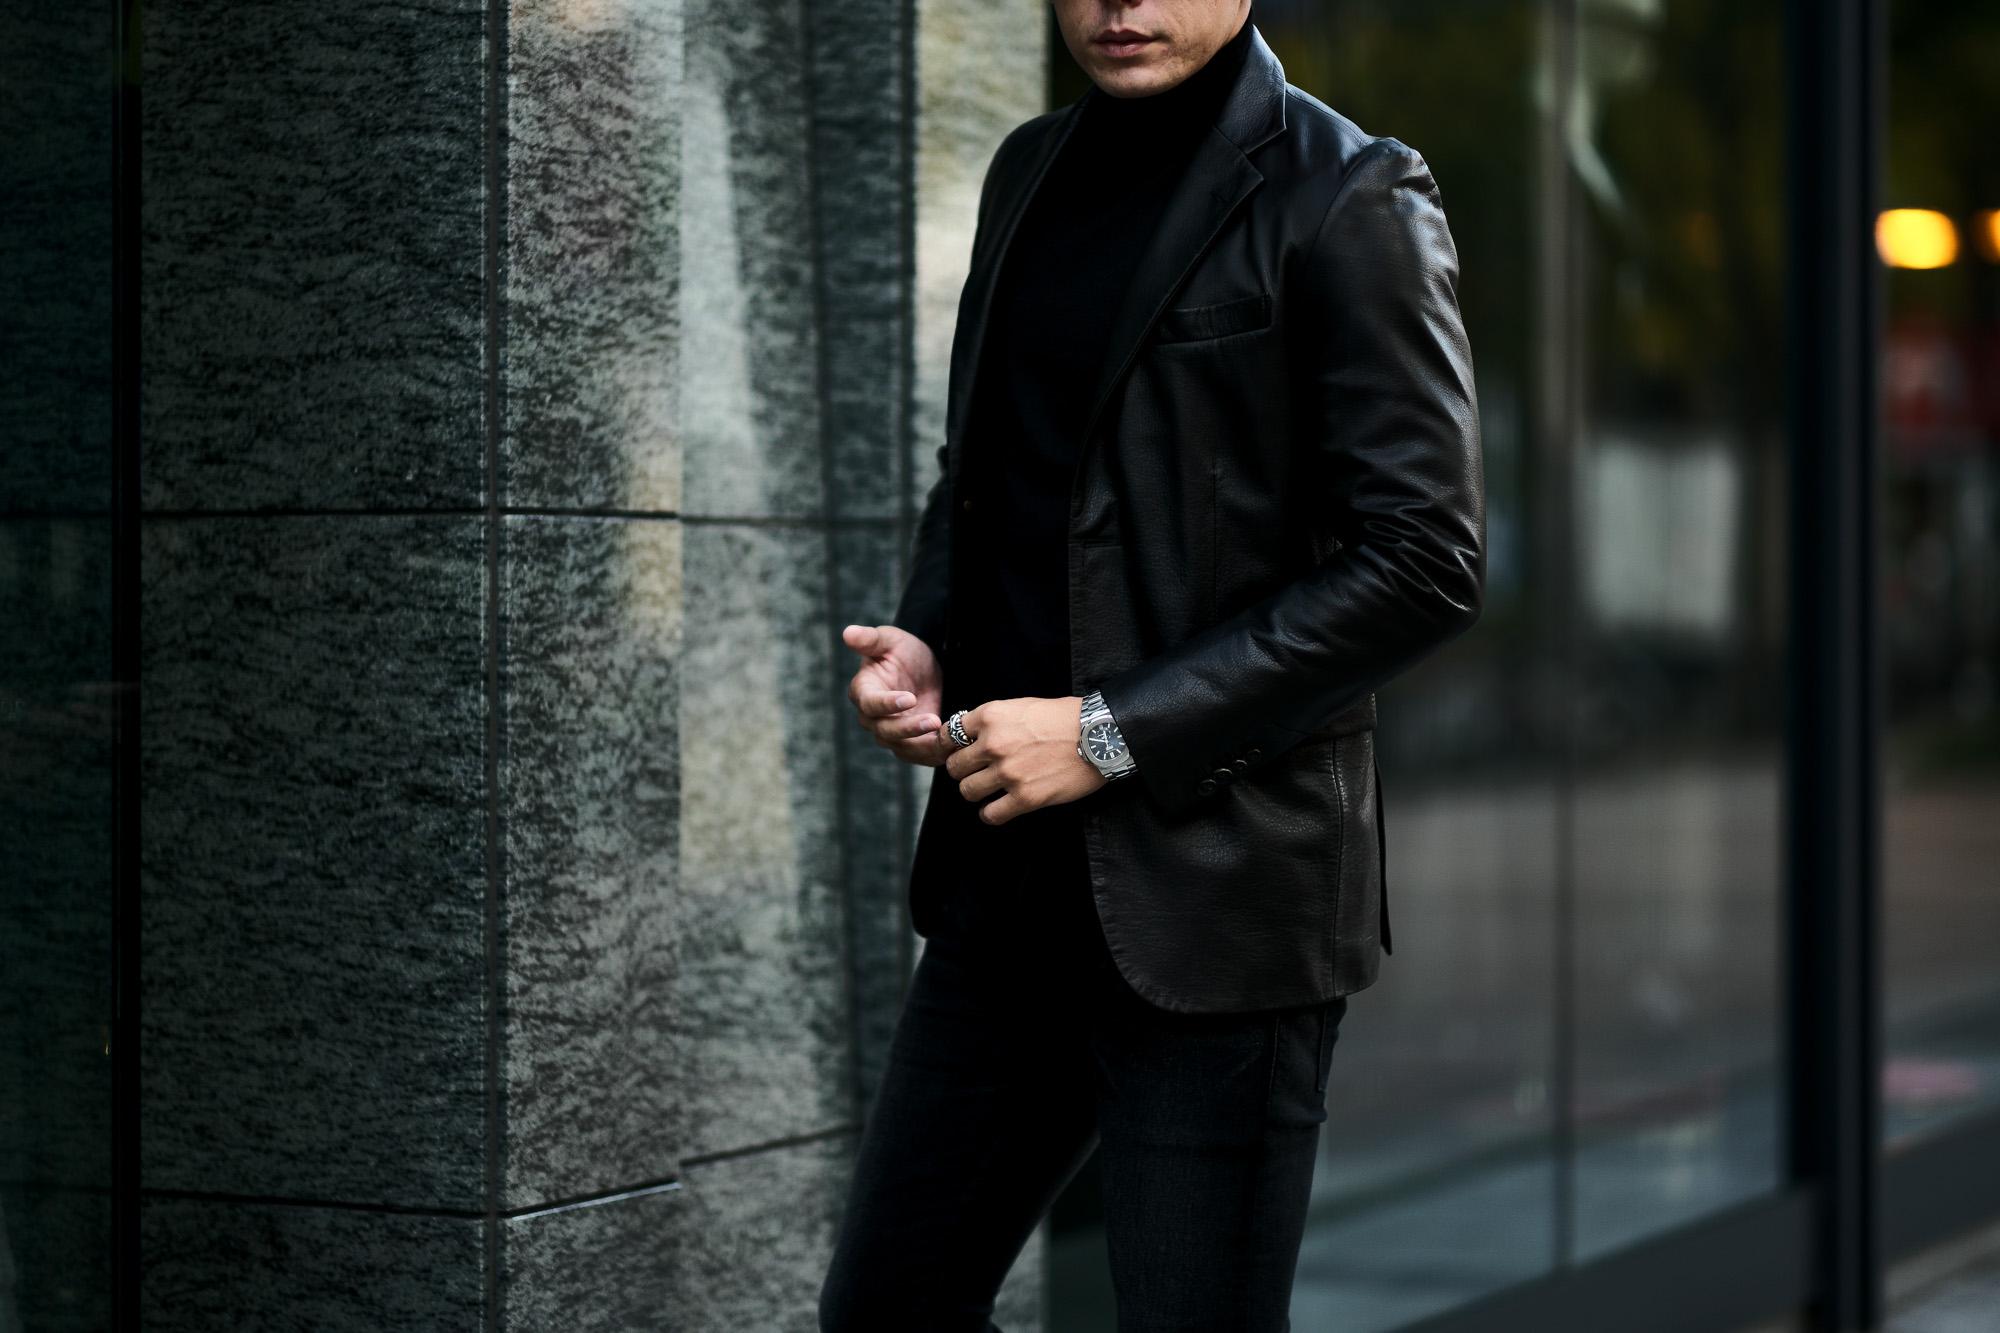 cuervo bopoha(クエルボ ヴァローナ) Satisfaction Leather Collection (サティスファクション レザー コレクション) LEON (レオン) BUFFALO LEATHER (バッファロー レザー) シングル テーラード ジャケット BLACK (ブラック) MADE IN JAPAN (日本製) 2021秋冬新作 【入荷しました】【フリー分発売開始】 愛知 名古屋 altoediritto アルトエデリット